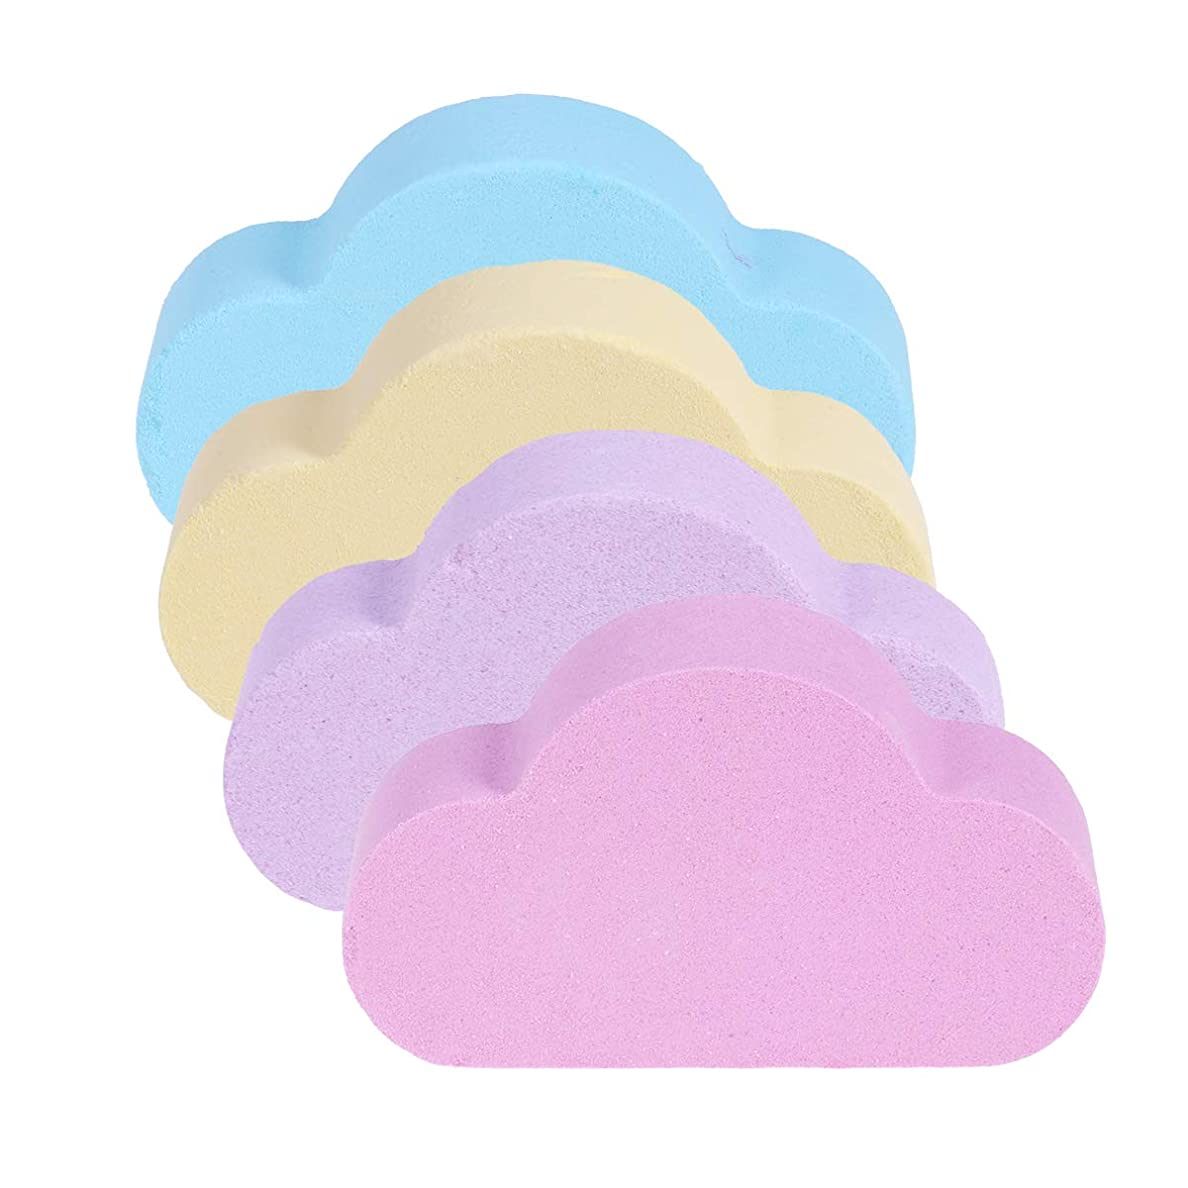 ラベンダーごちそう啓発するSUPVOX 4本入浴爆弾エッセンシャルオイルクラウドシェイプ塩バブル家庭用スキンケア風呂用品用バブルスパ風呂ギフト(カラフル)